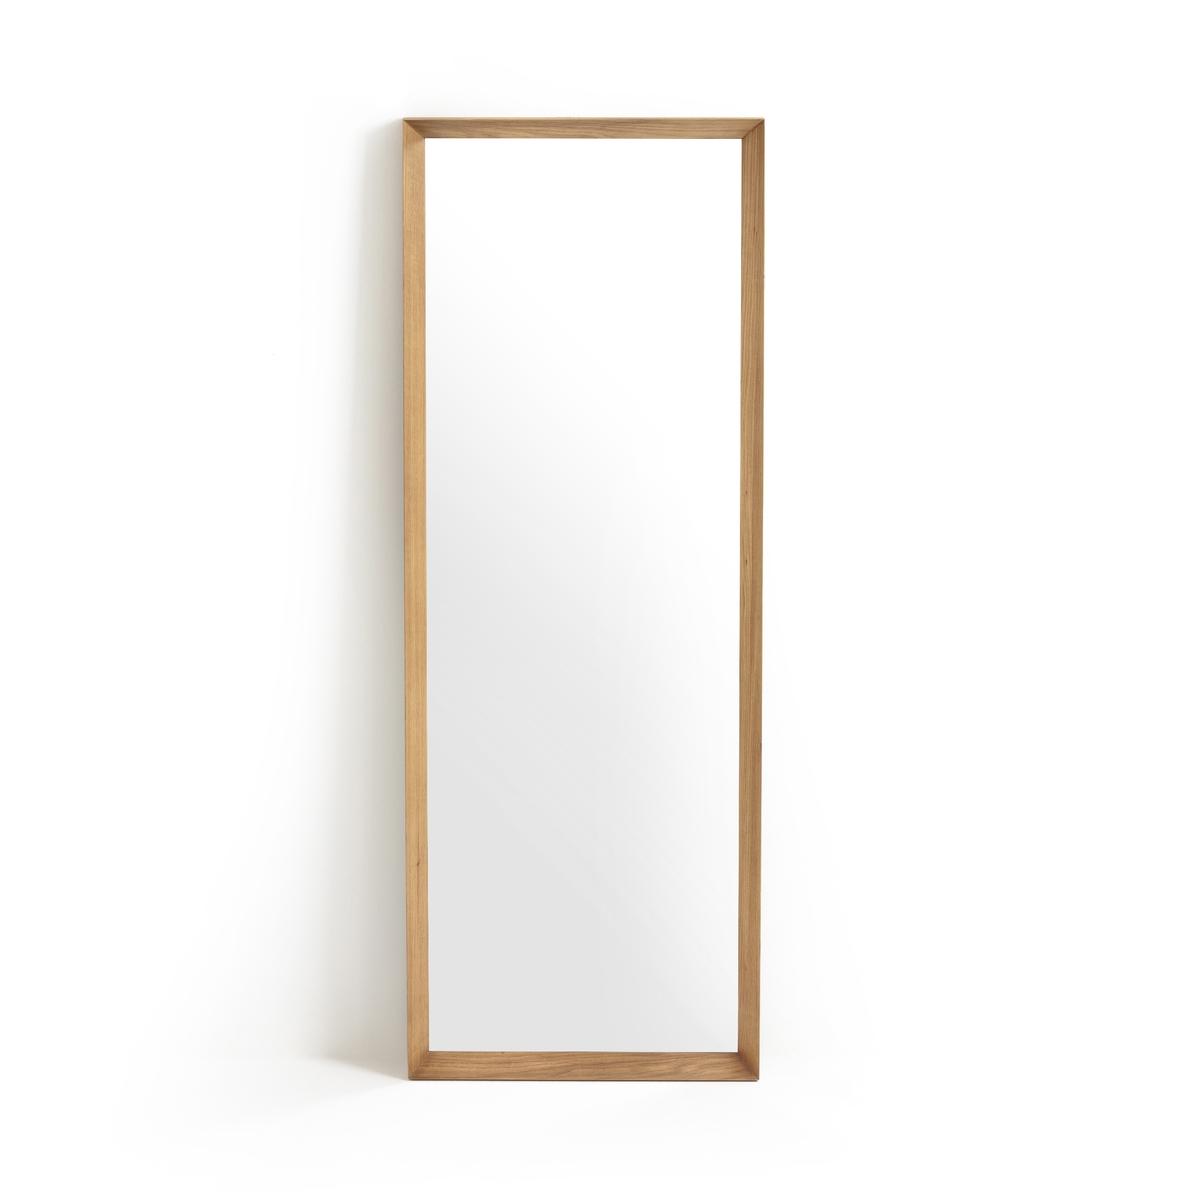 Зеркало LaRedoute В158 см Andromde единый размер каштановый